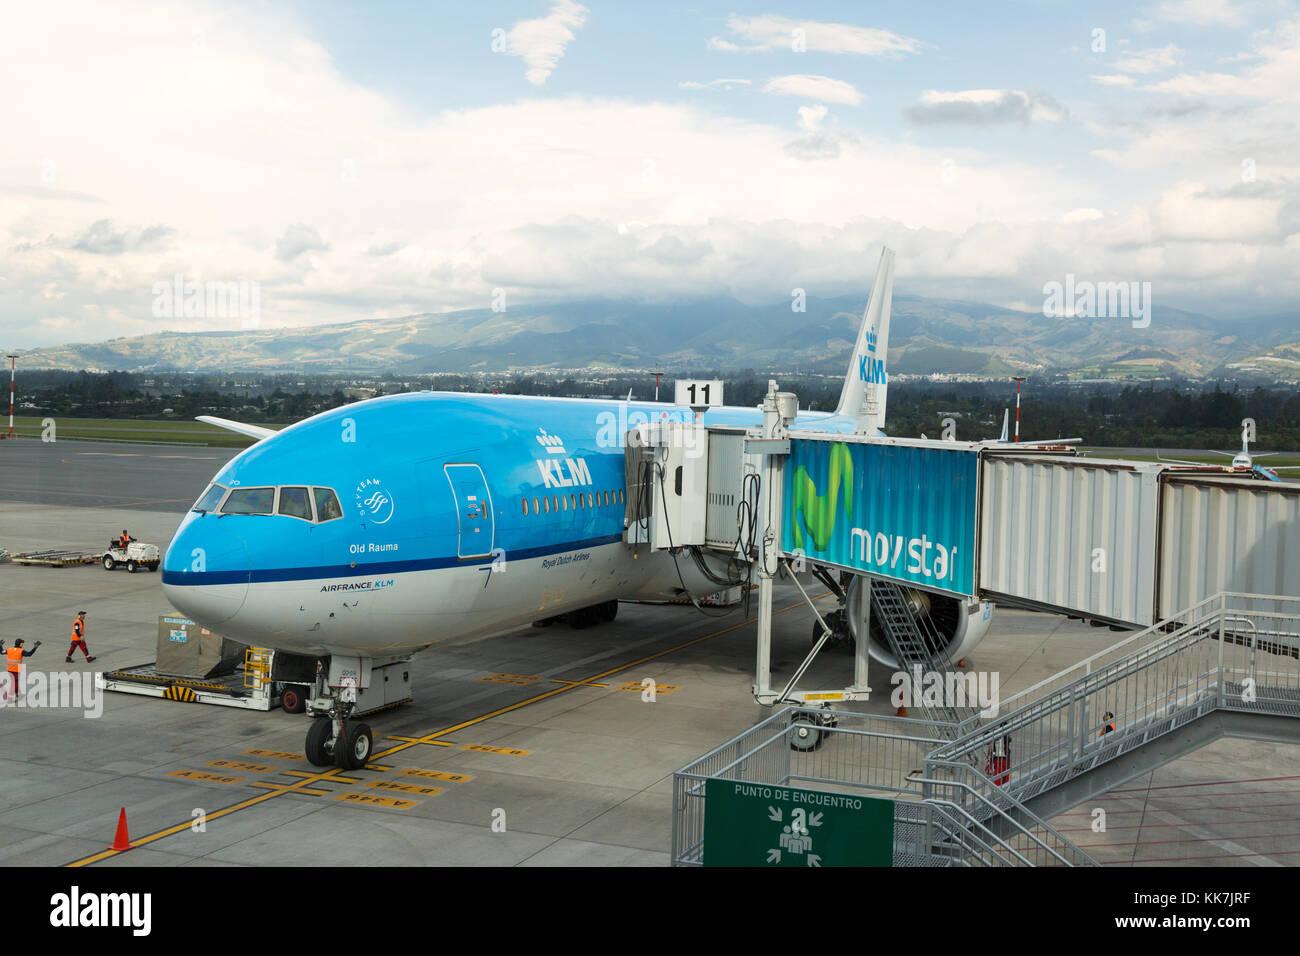 Avión de KLM en el Aeropuerto Internacional Mariscal Sucre de Quito, Ecuador, Sudamérica Imagen De Stock